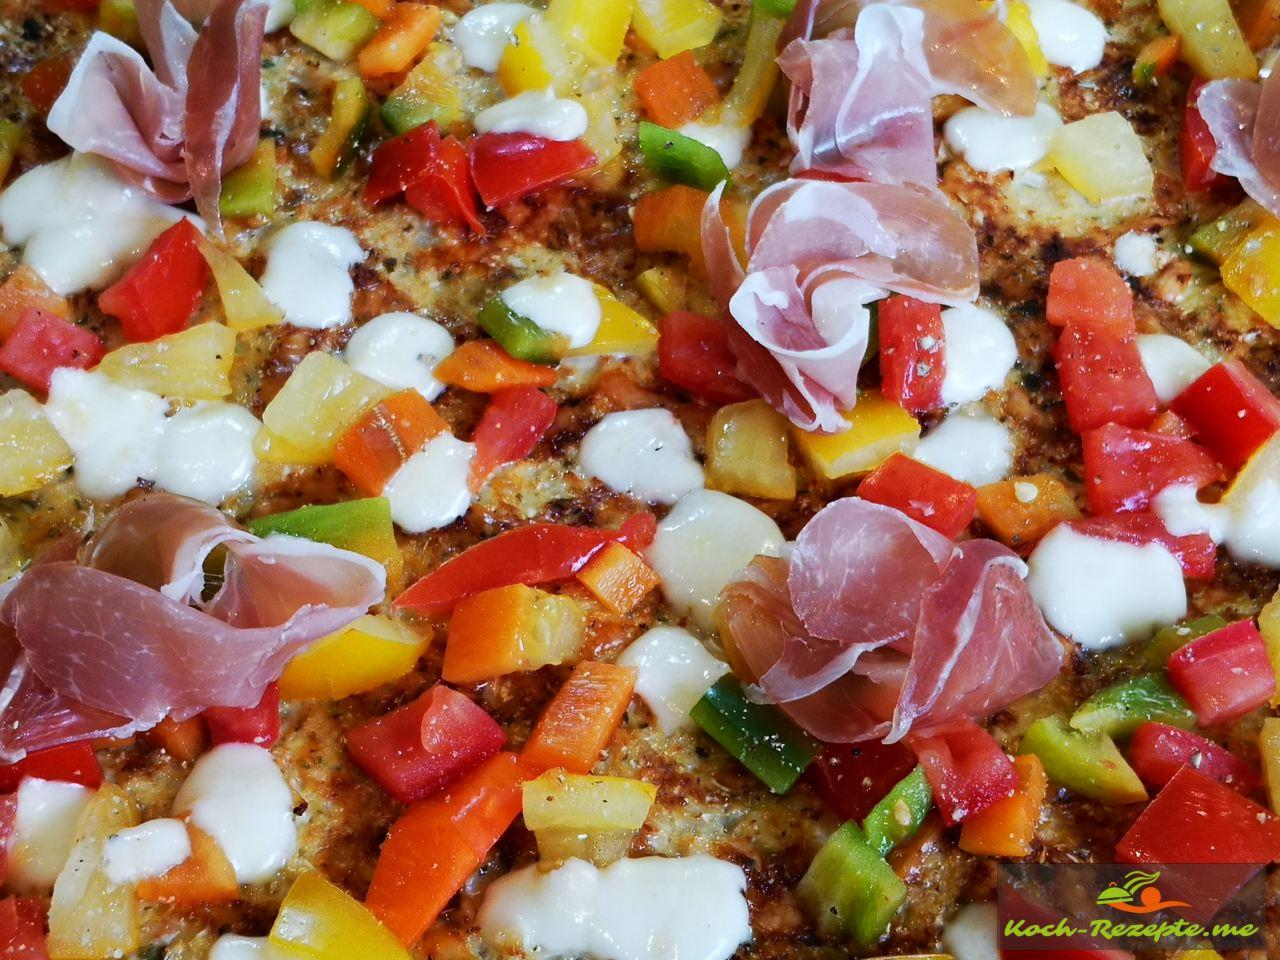 dann die Blumenkohl-Pizza mit Schinken ,Salat, Kirschtomaten belegen